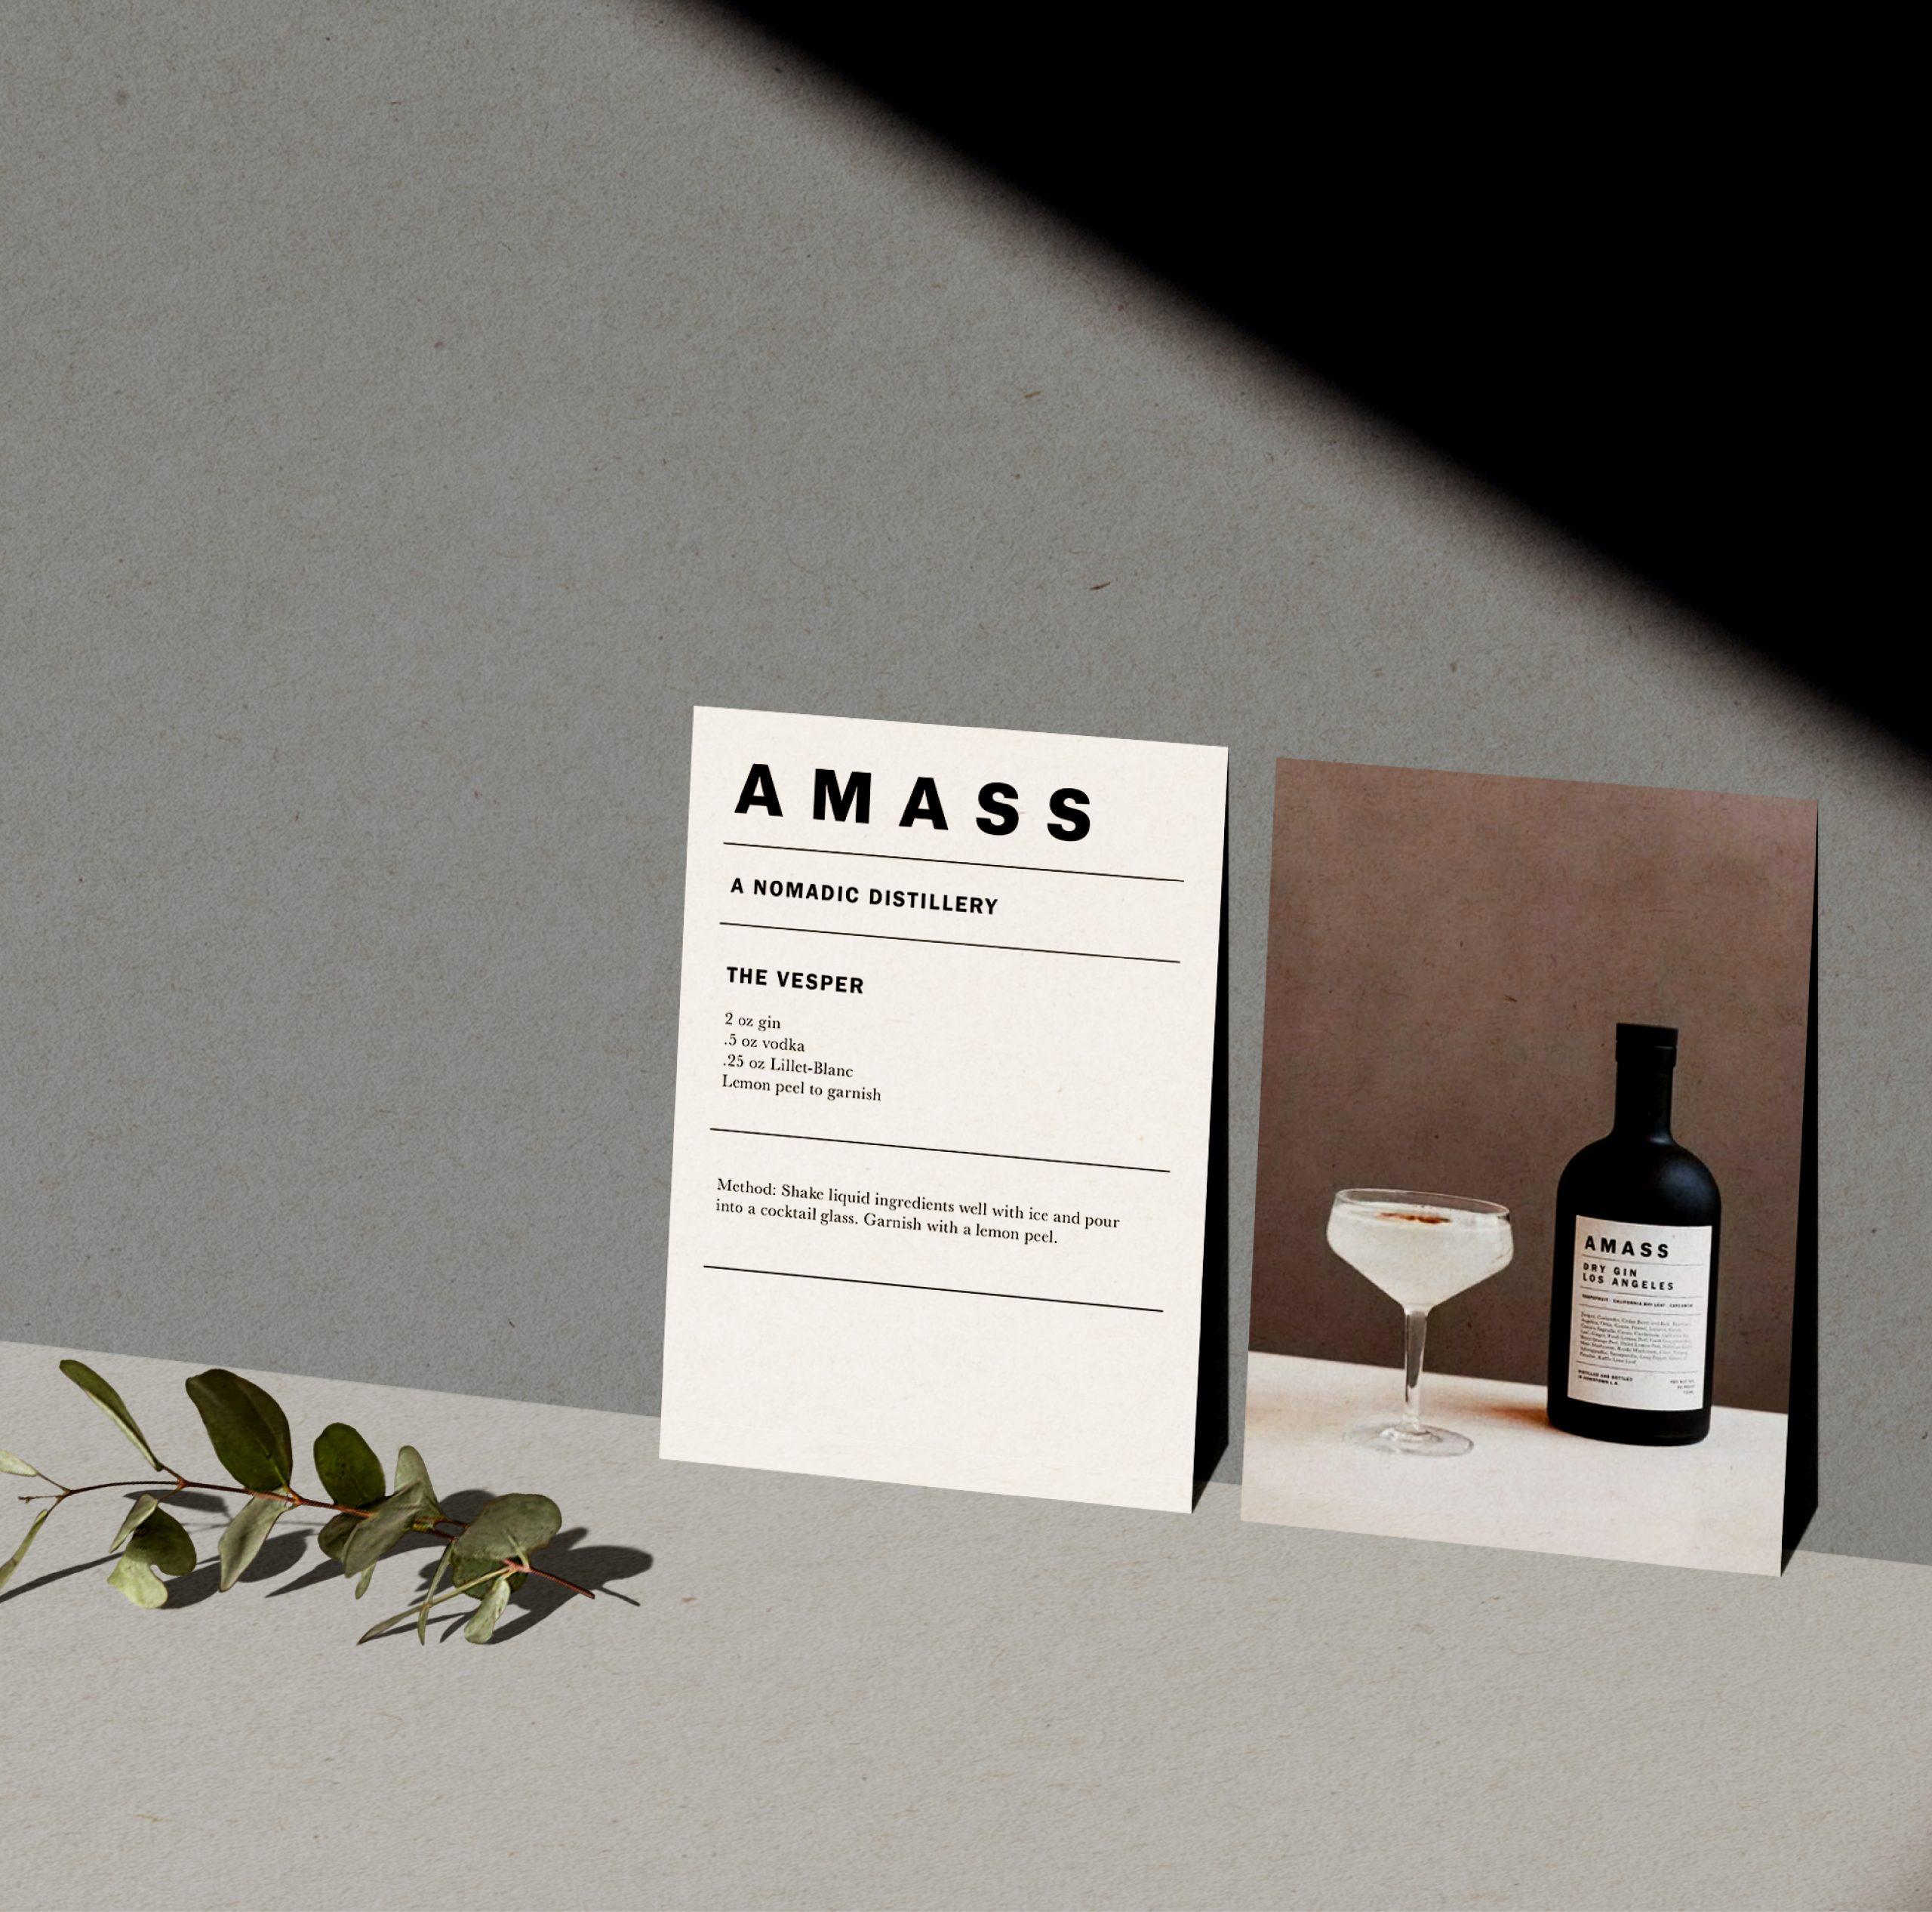 amass-box-04